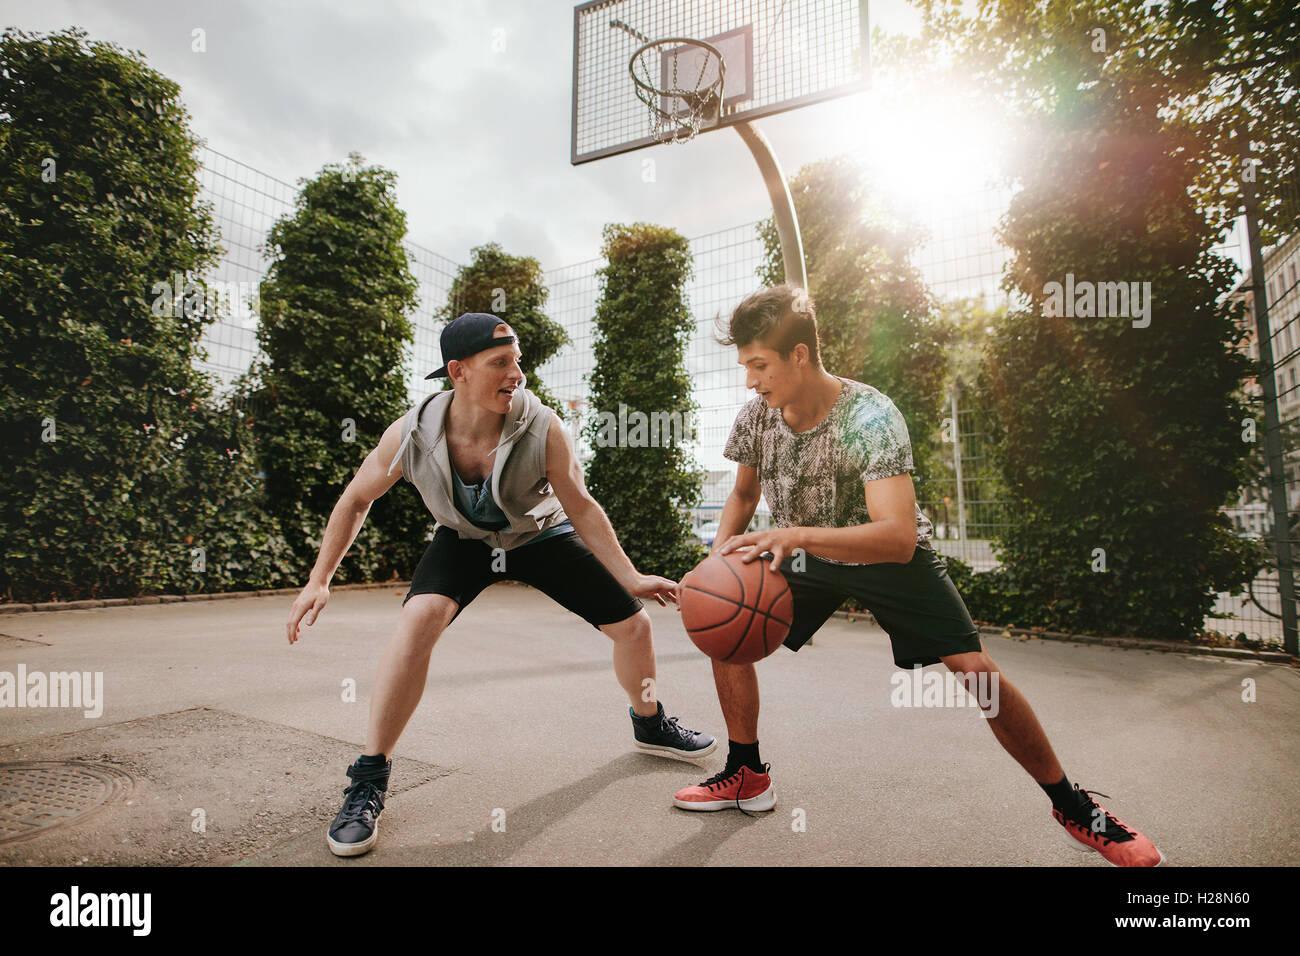 Amis adolescents jouer streetball les uns contre les autres et s'amuser. Deux jeunes hommes ayant un match de Photo Stock